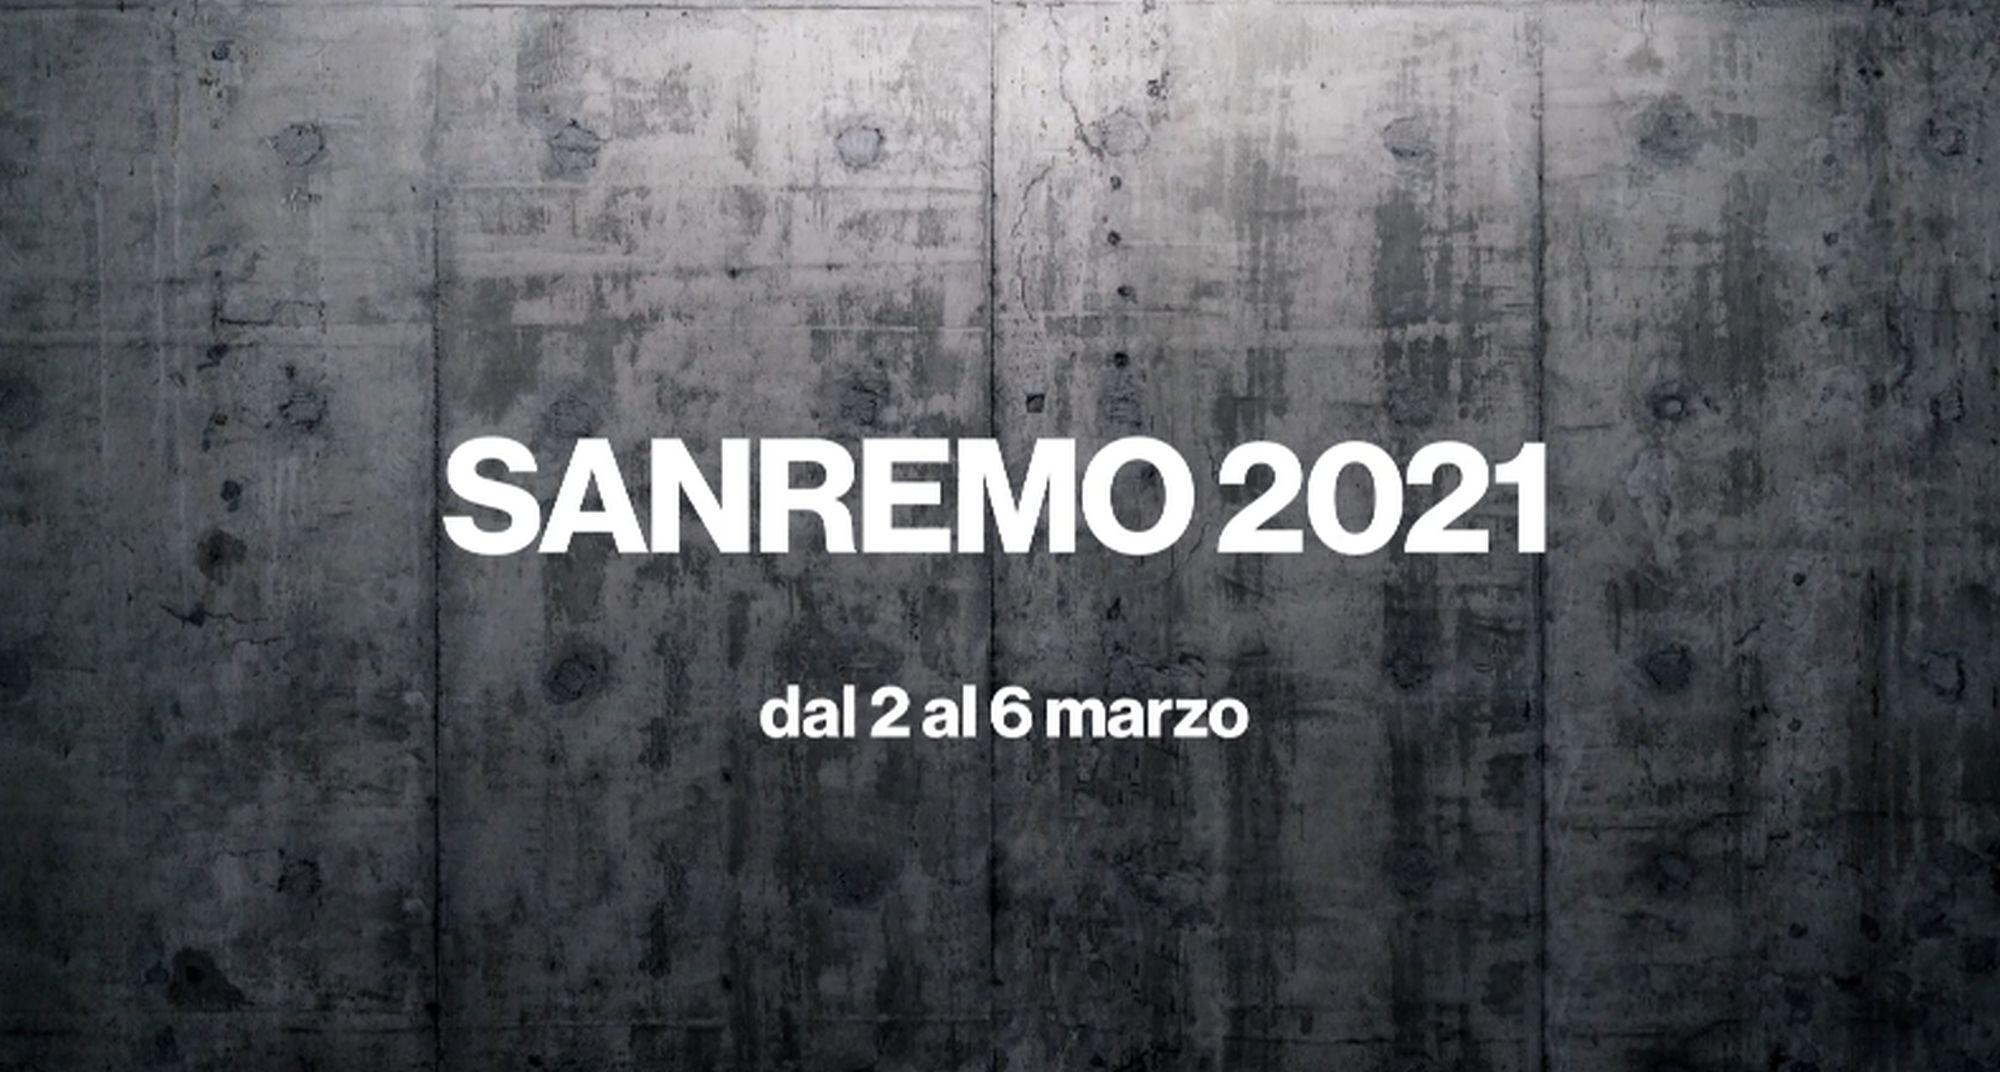 Scaletta della prima serata del festival di Sanremo 2021